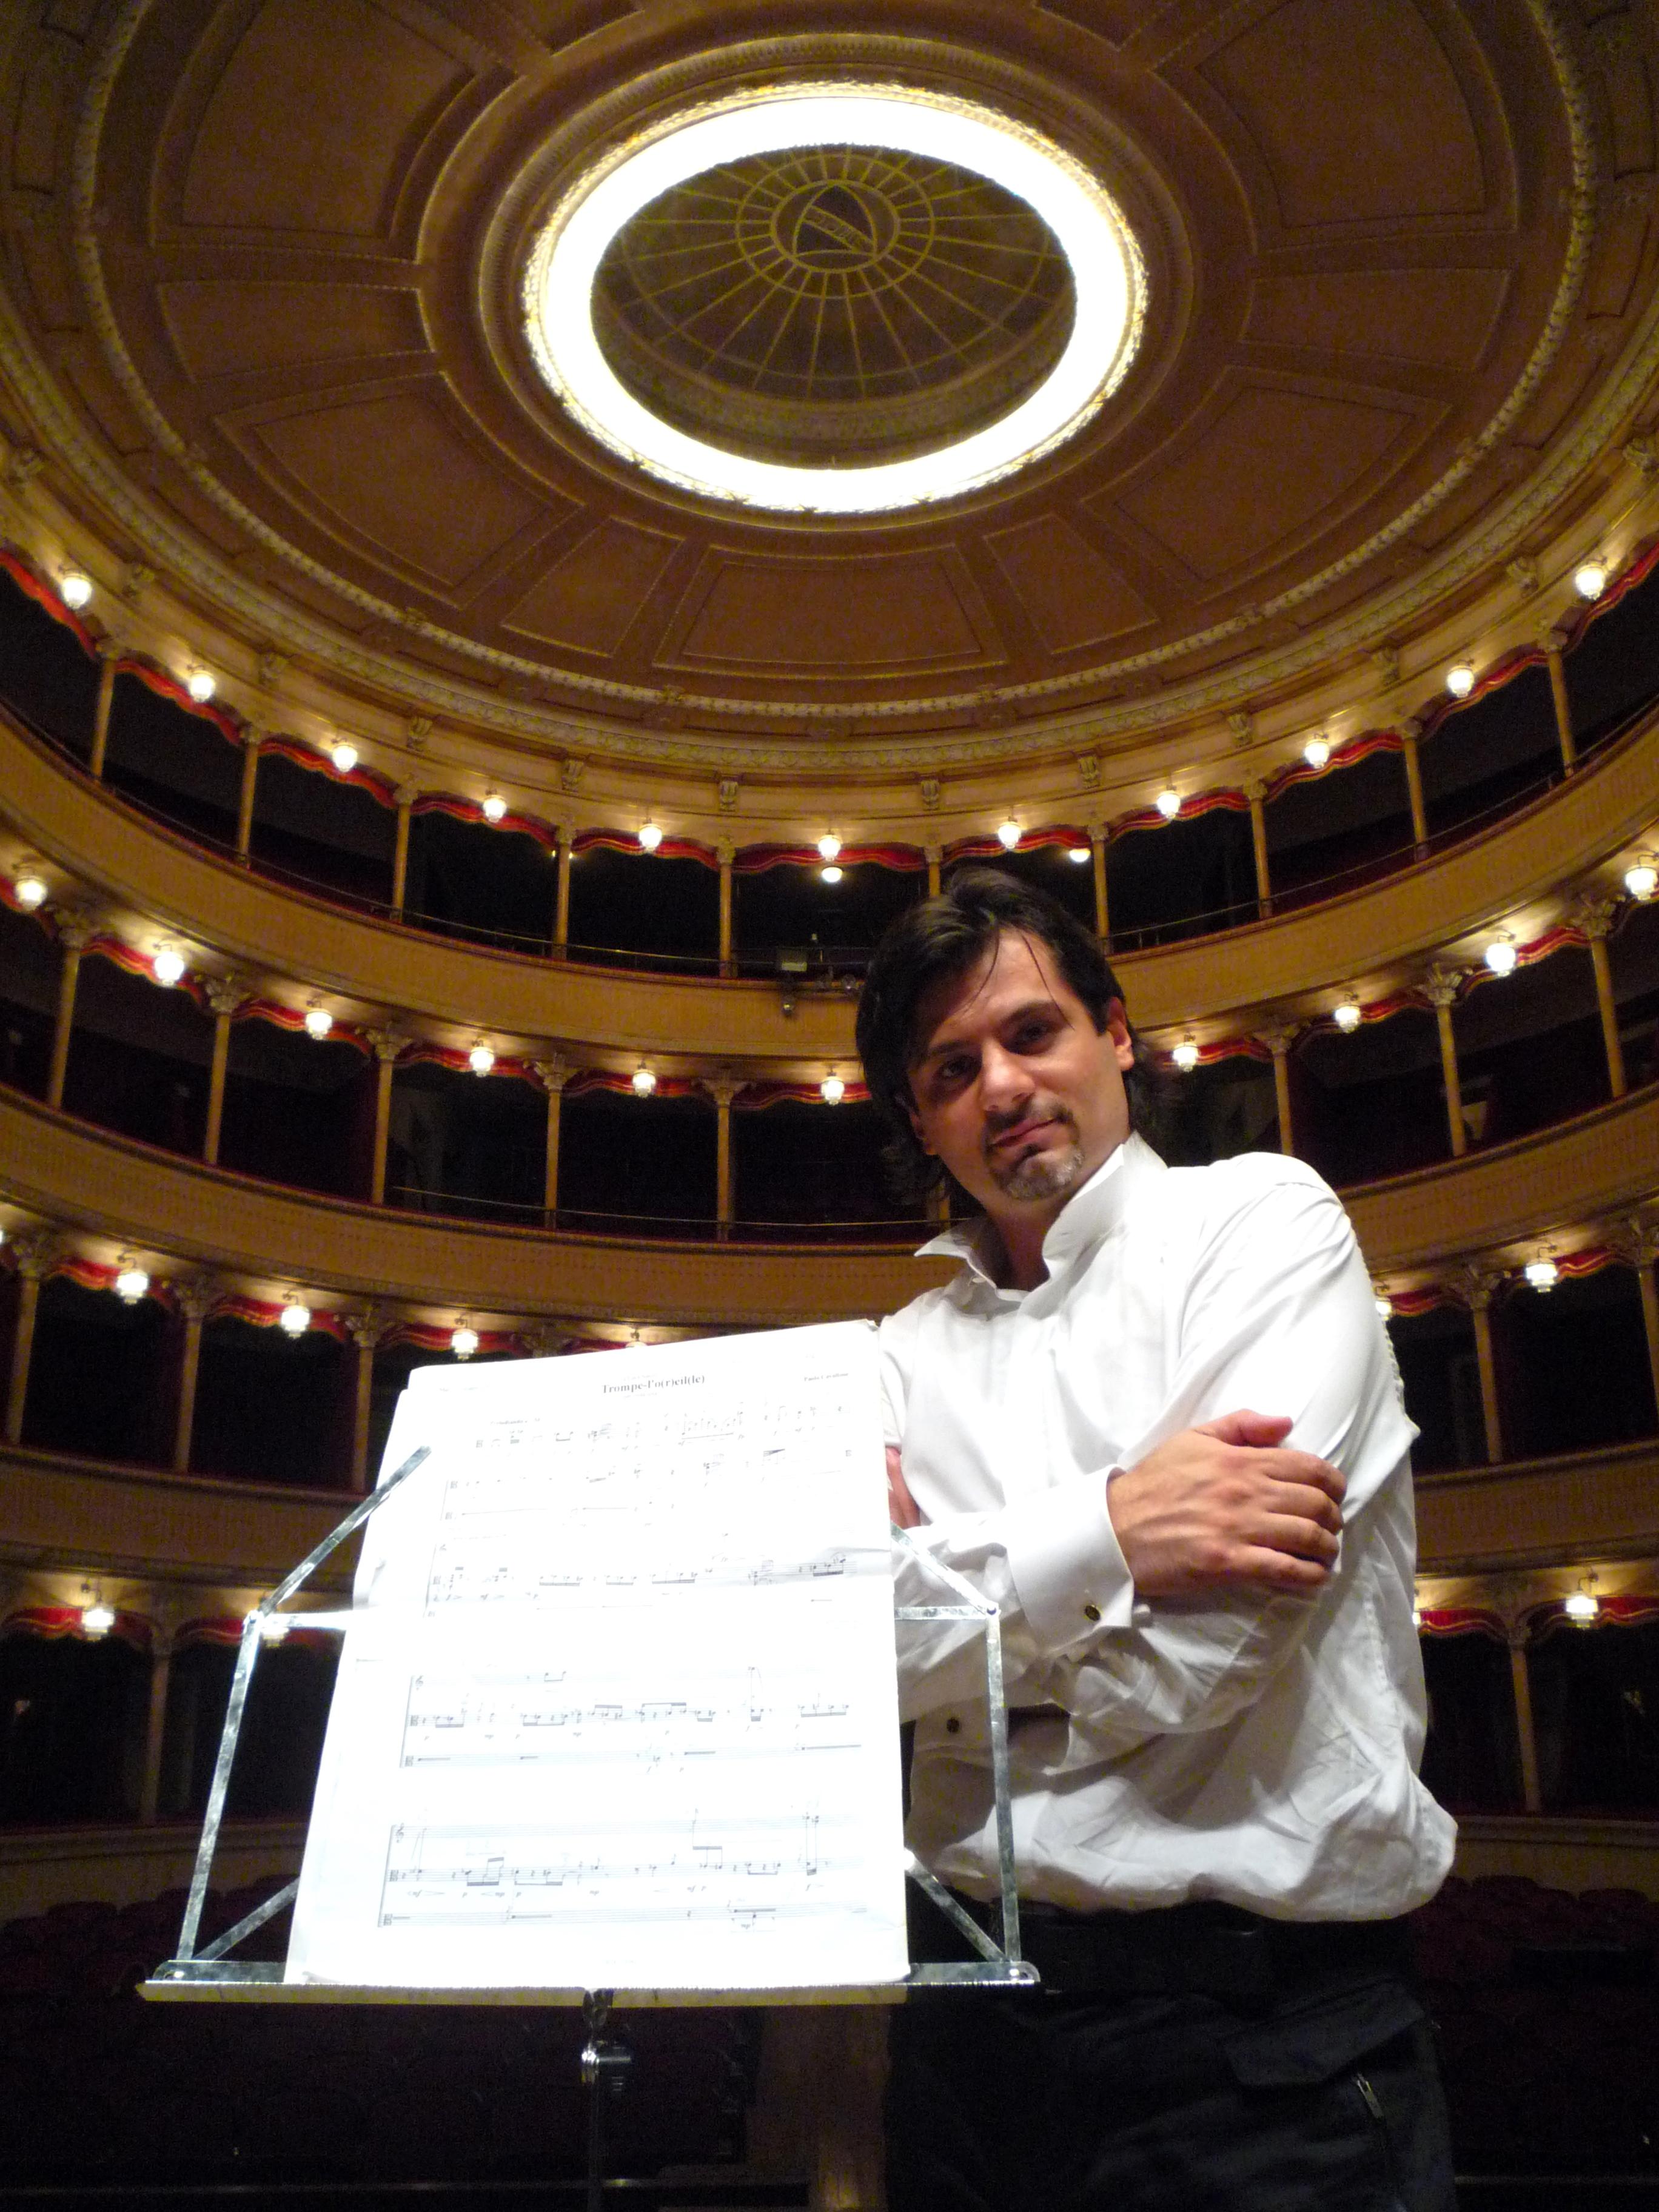 Paolo Cavallone